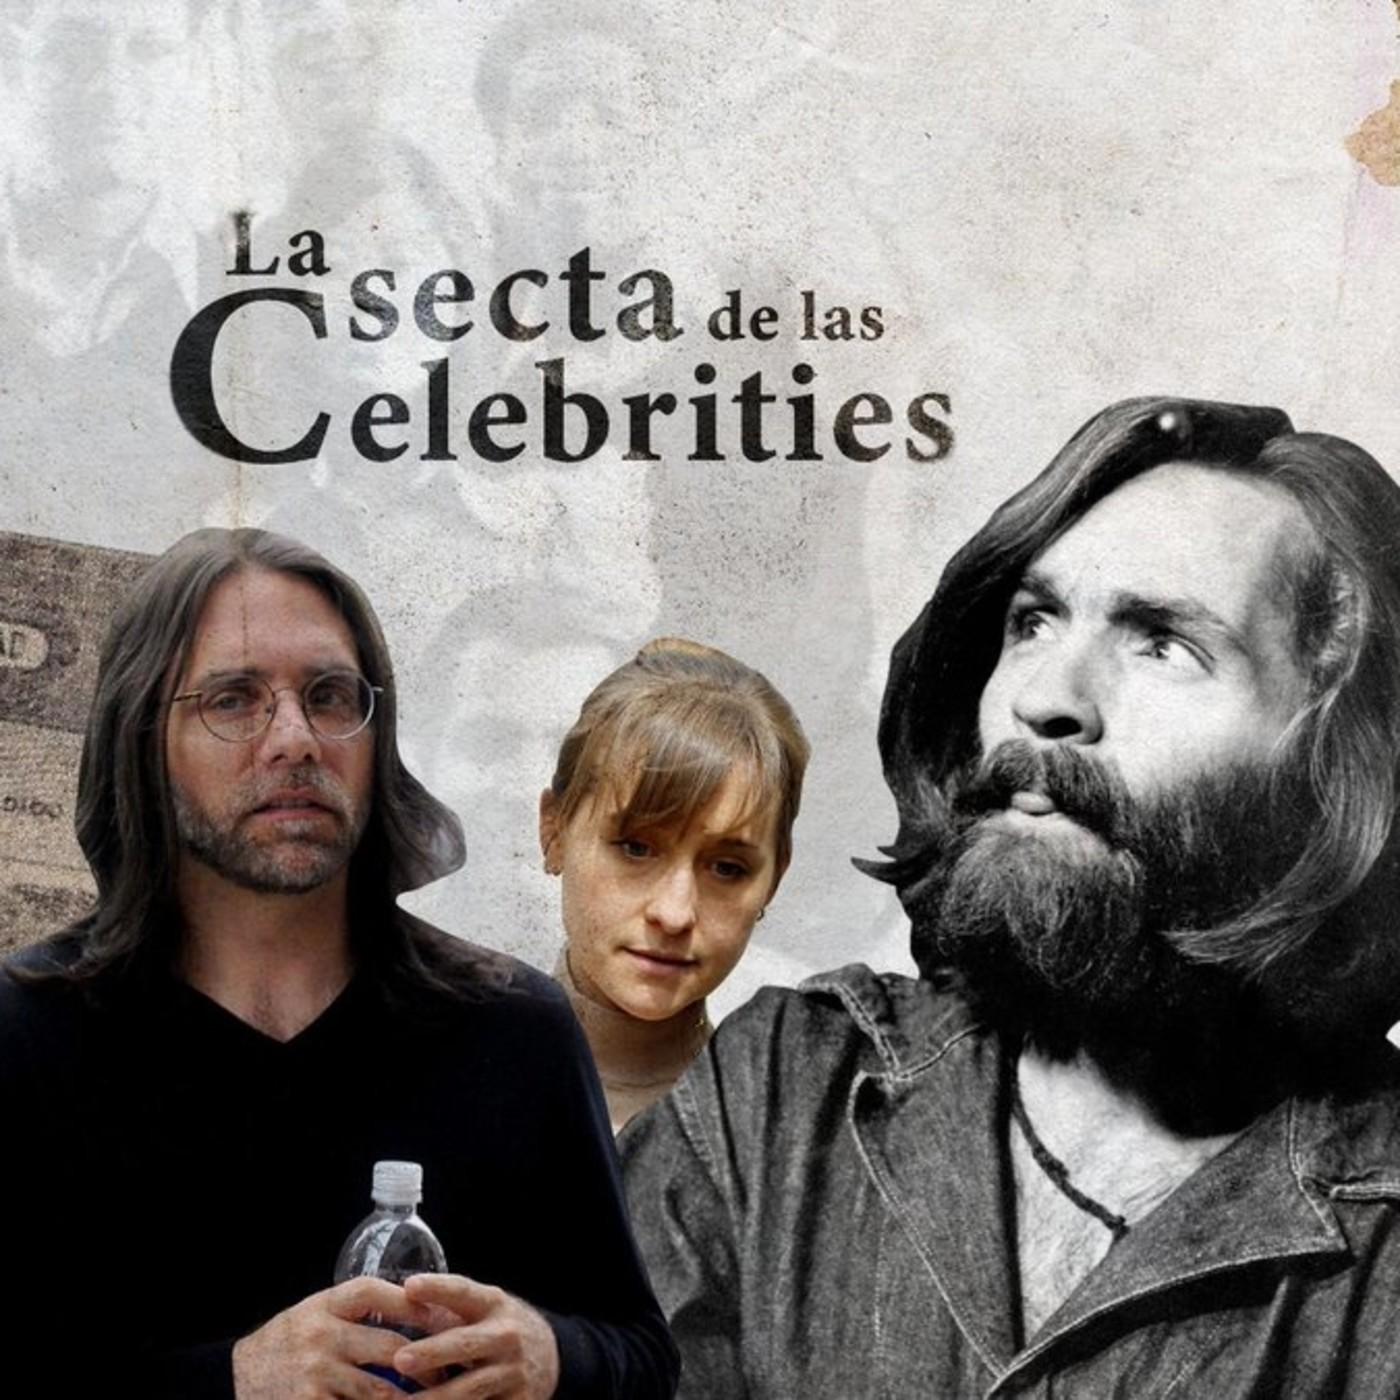 Cuarto milenio (21/07/2019) 14x44: La secta de las celebrities en ...